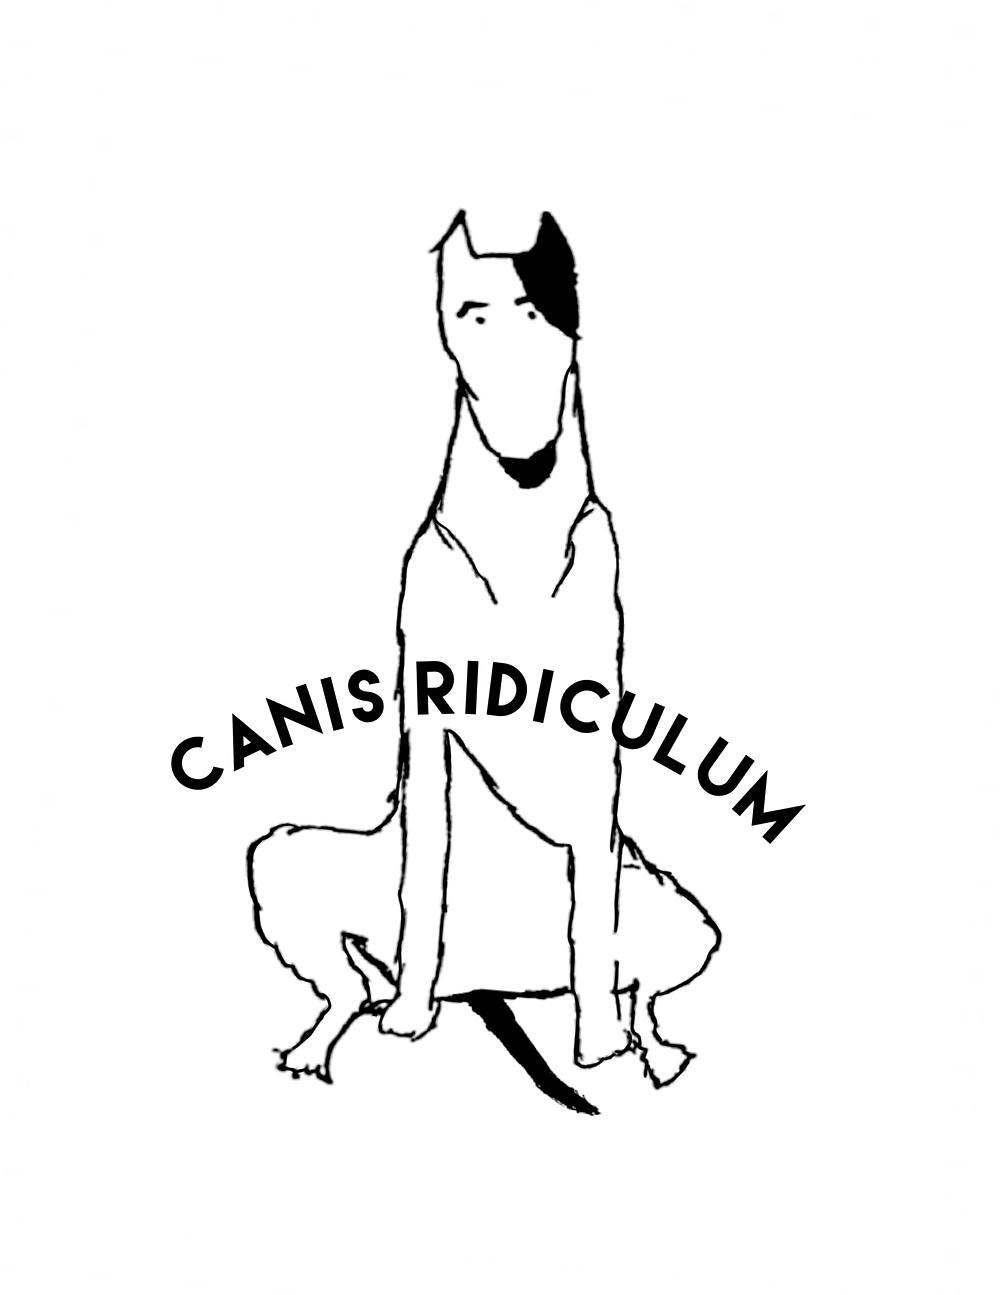 Canis Ridiculum Bull Terrier Design Poppy Hayoun Designs